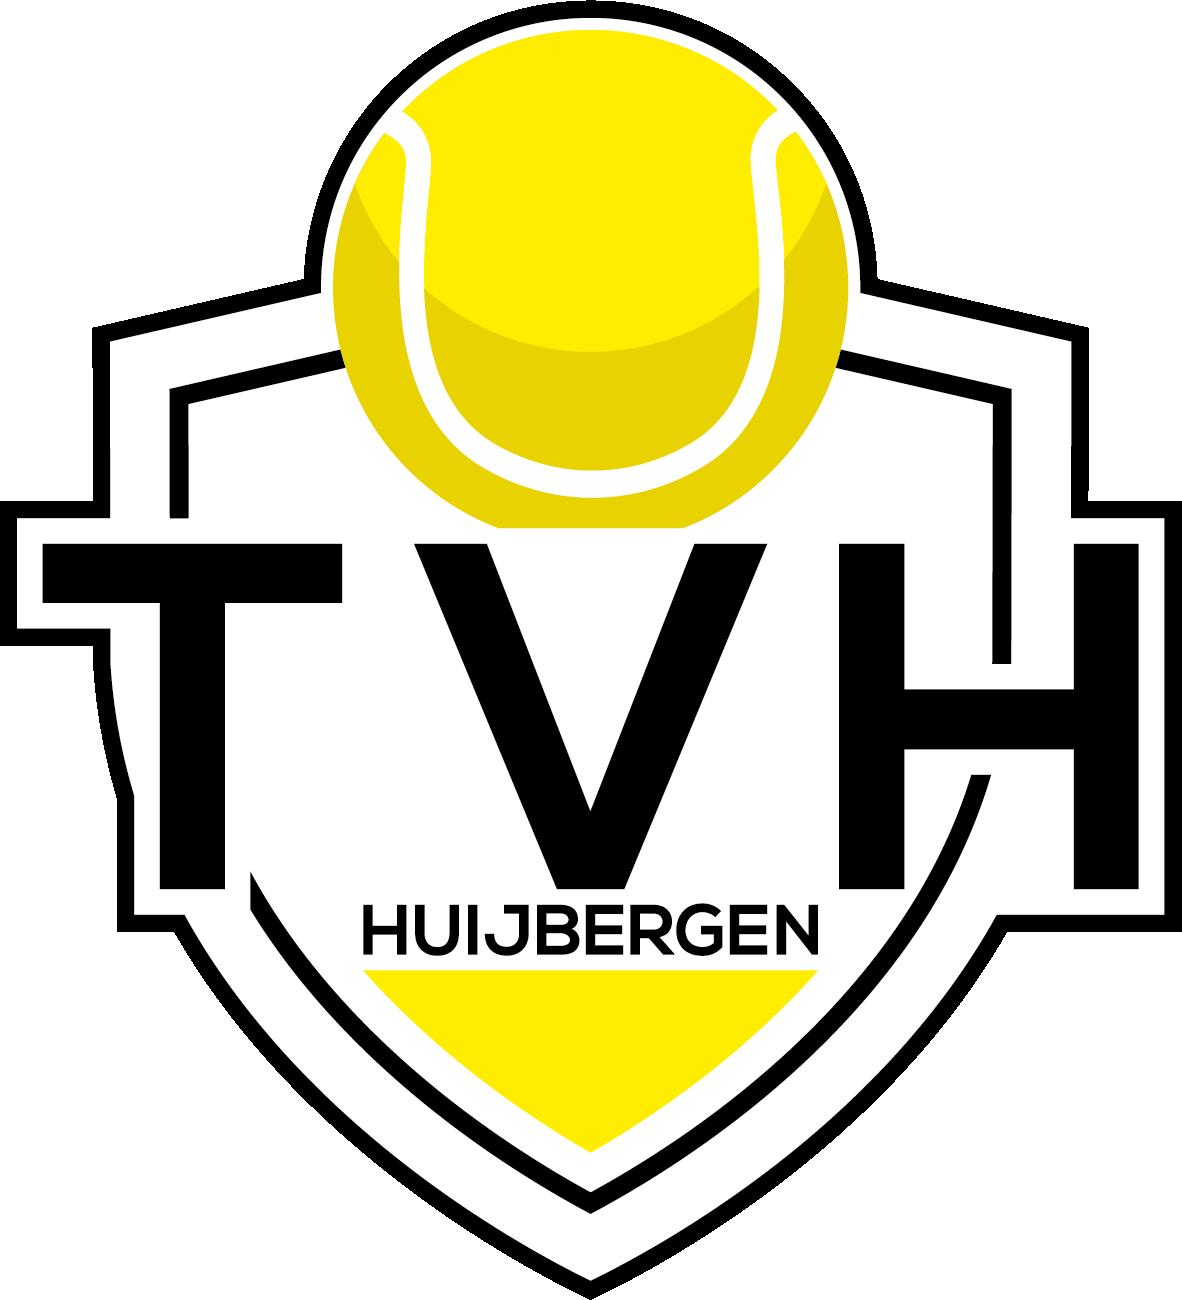 T.V. Huijbergen